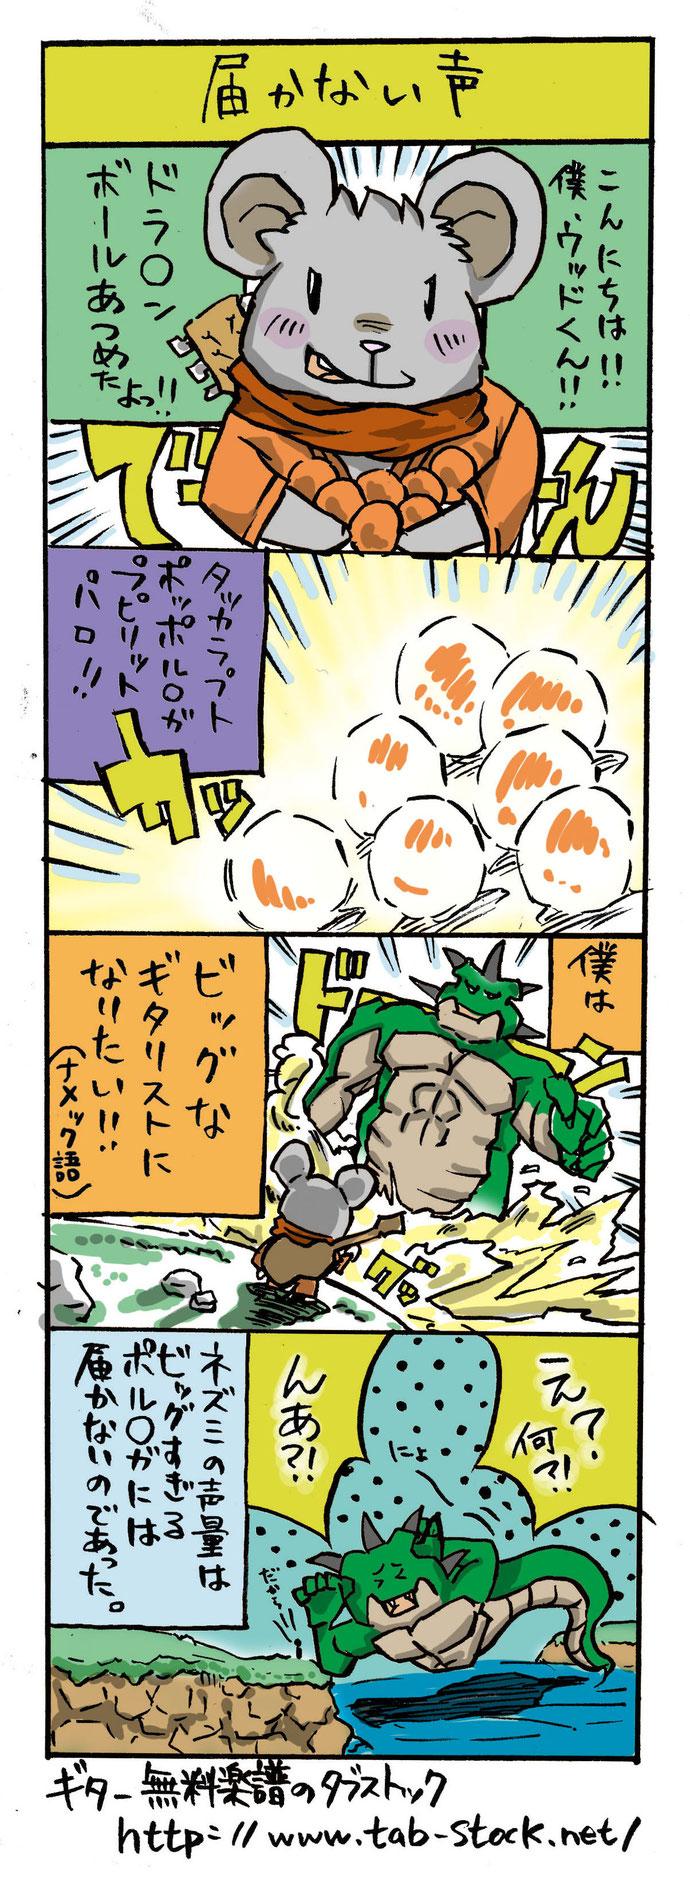 タブストック ウッドくんの4コマ漫画①